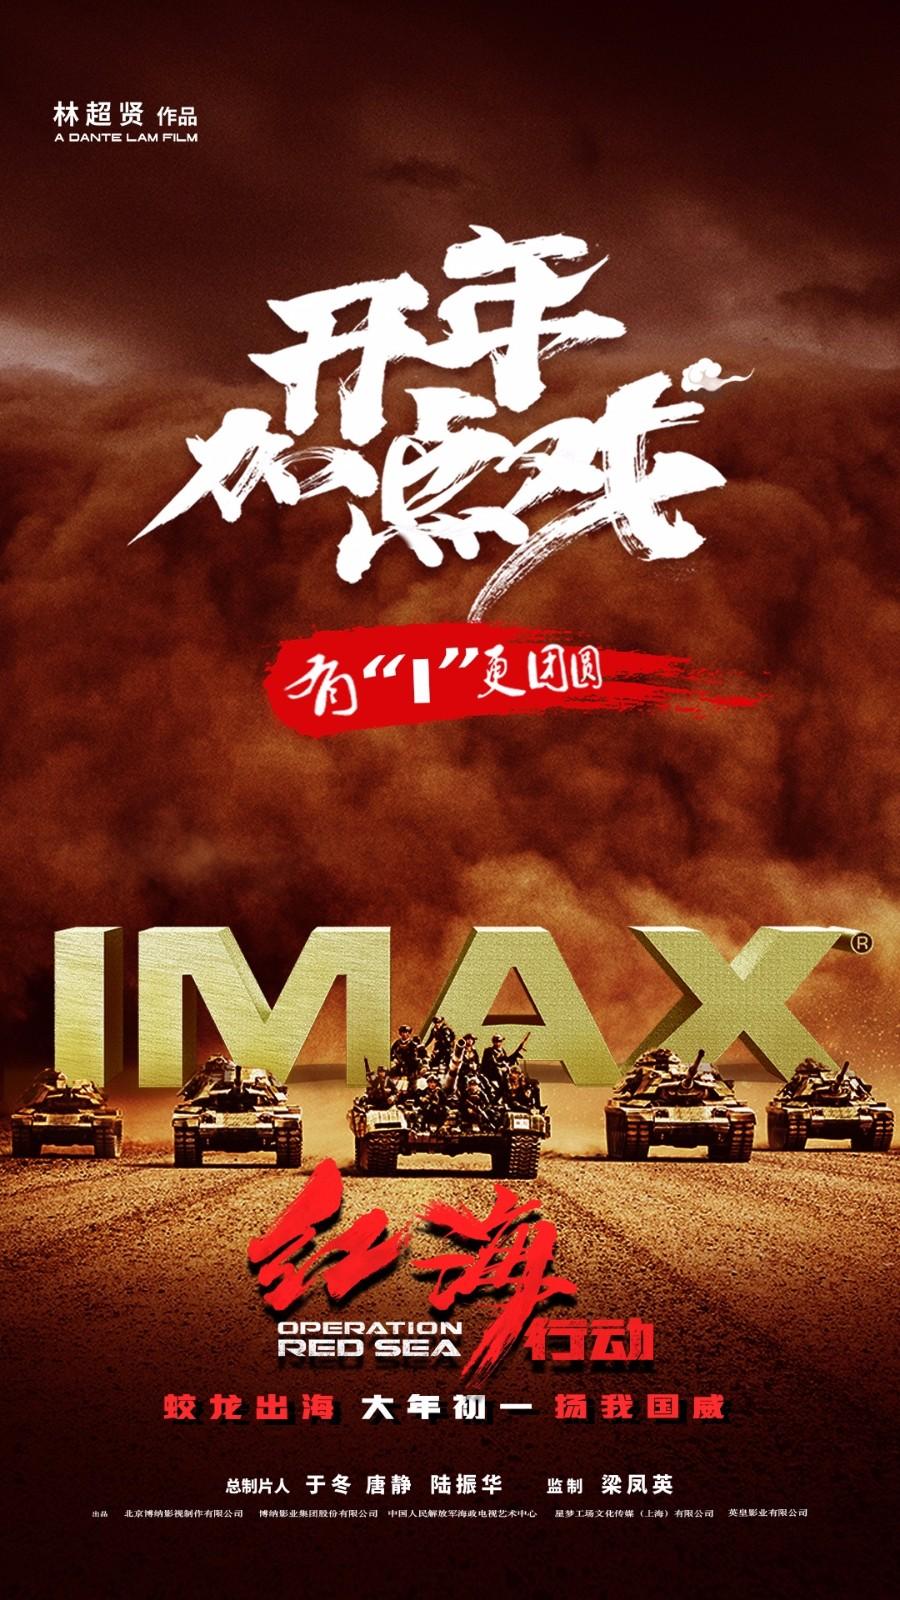 春节档IMAX中国票房创佳绩 破多项开片纪录